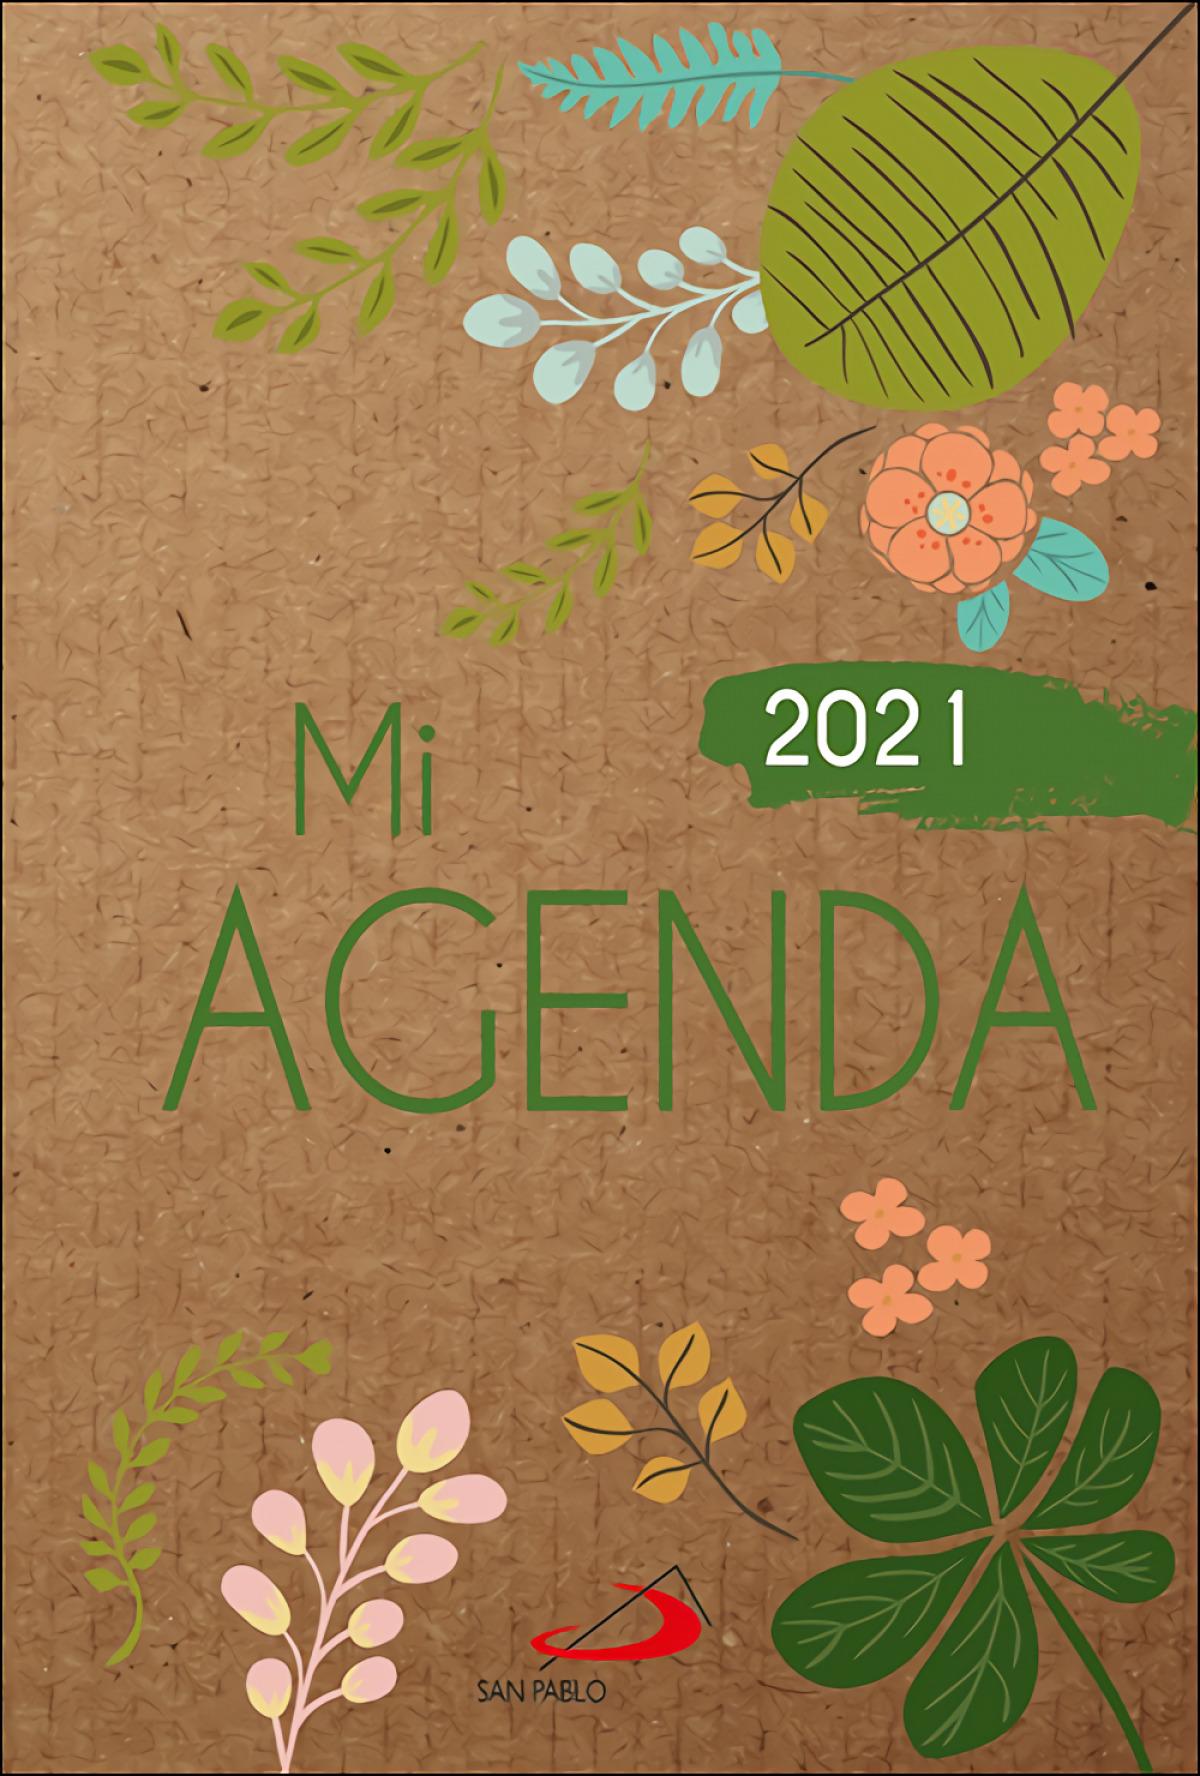 Mi agenda 2021 9788428558877